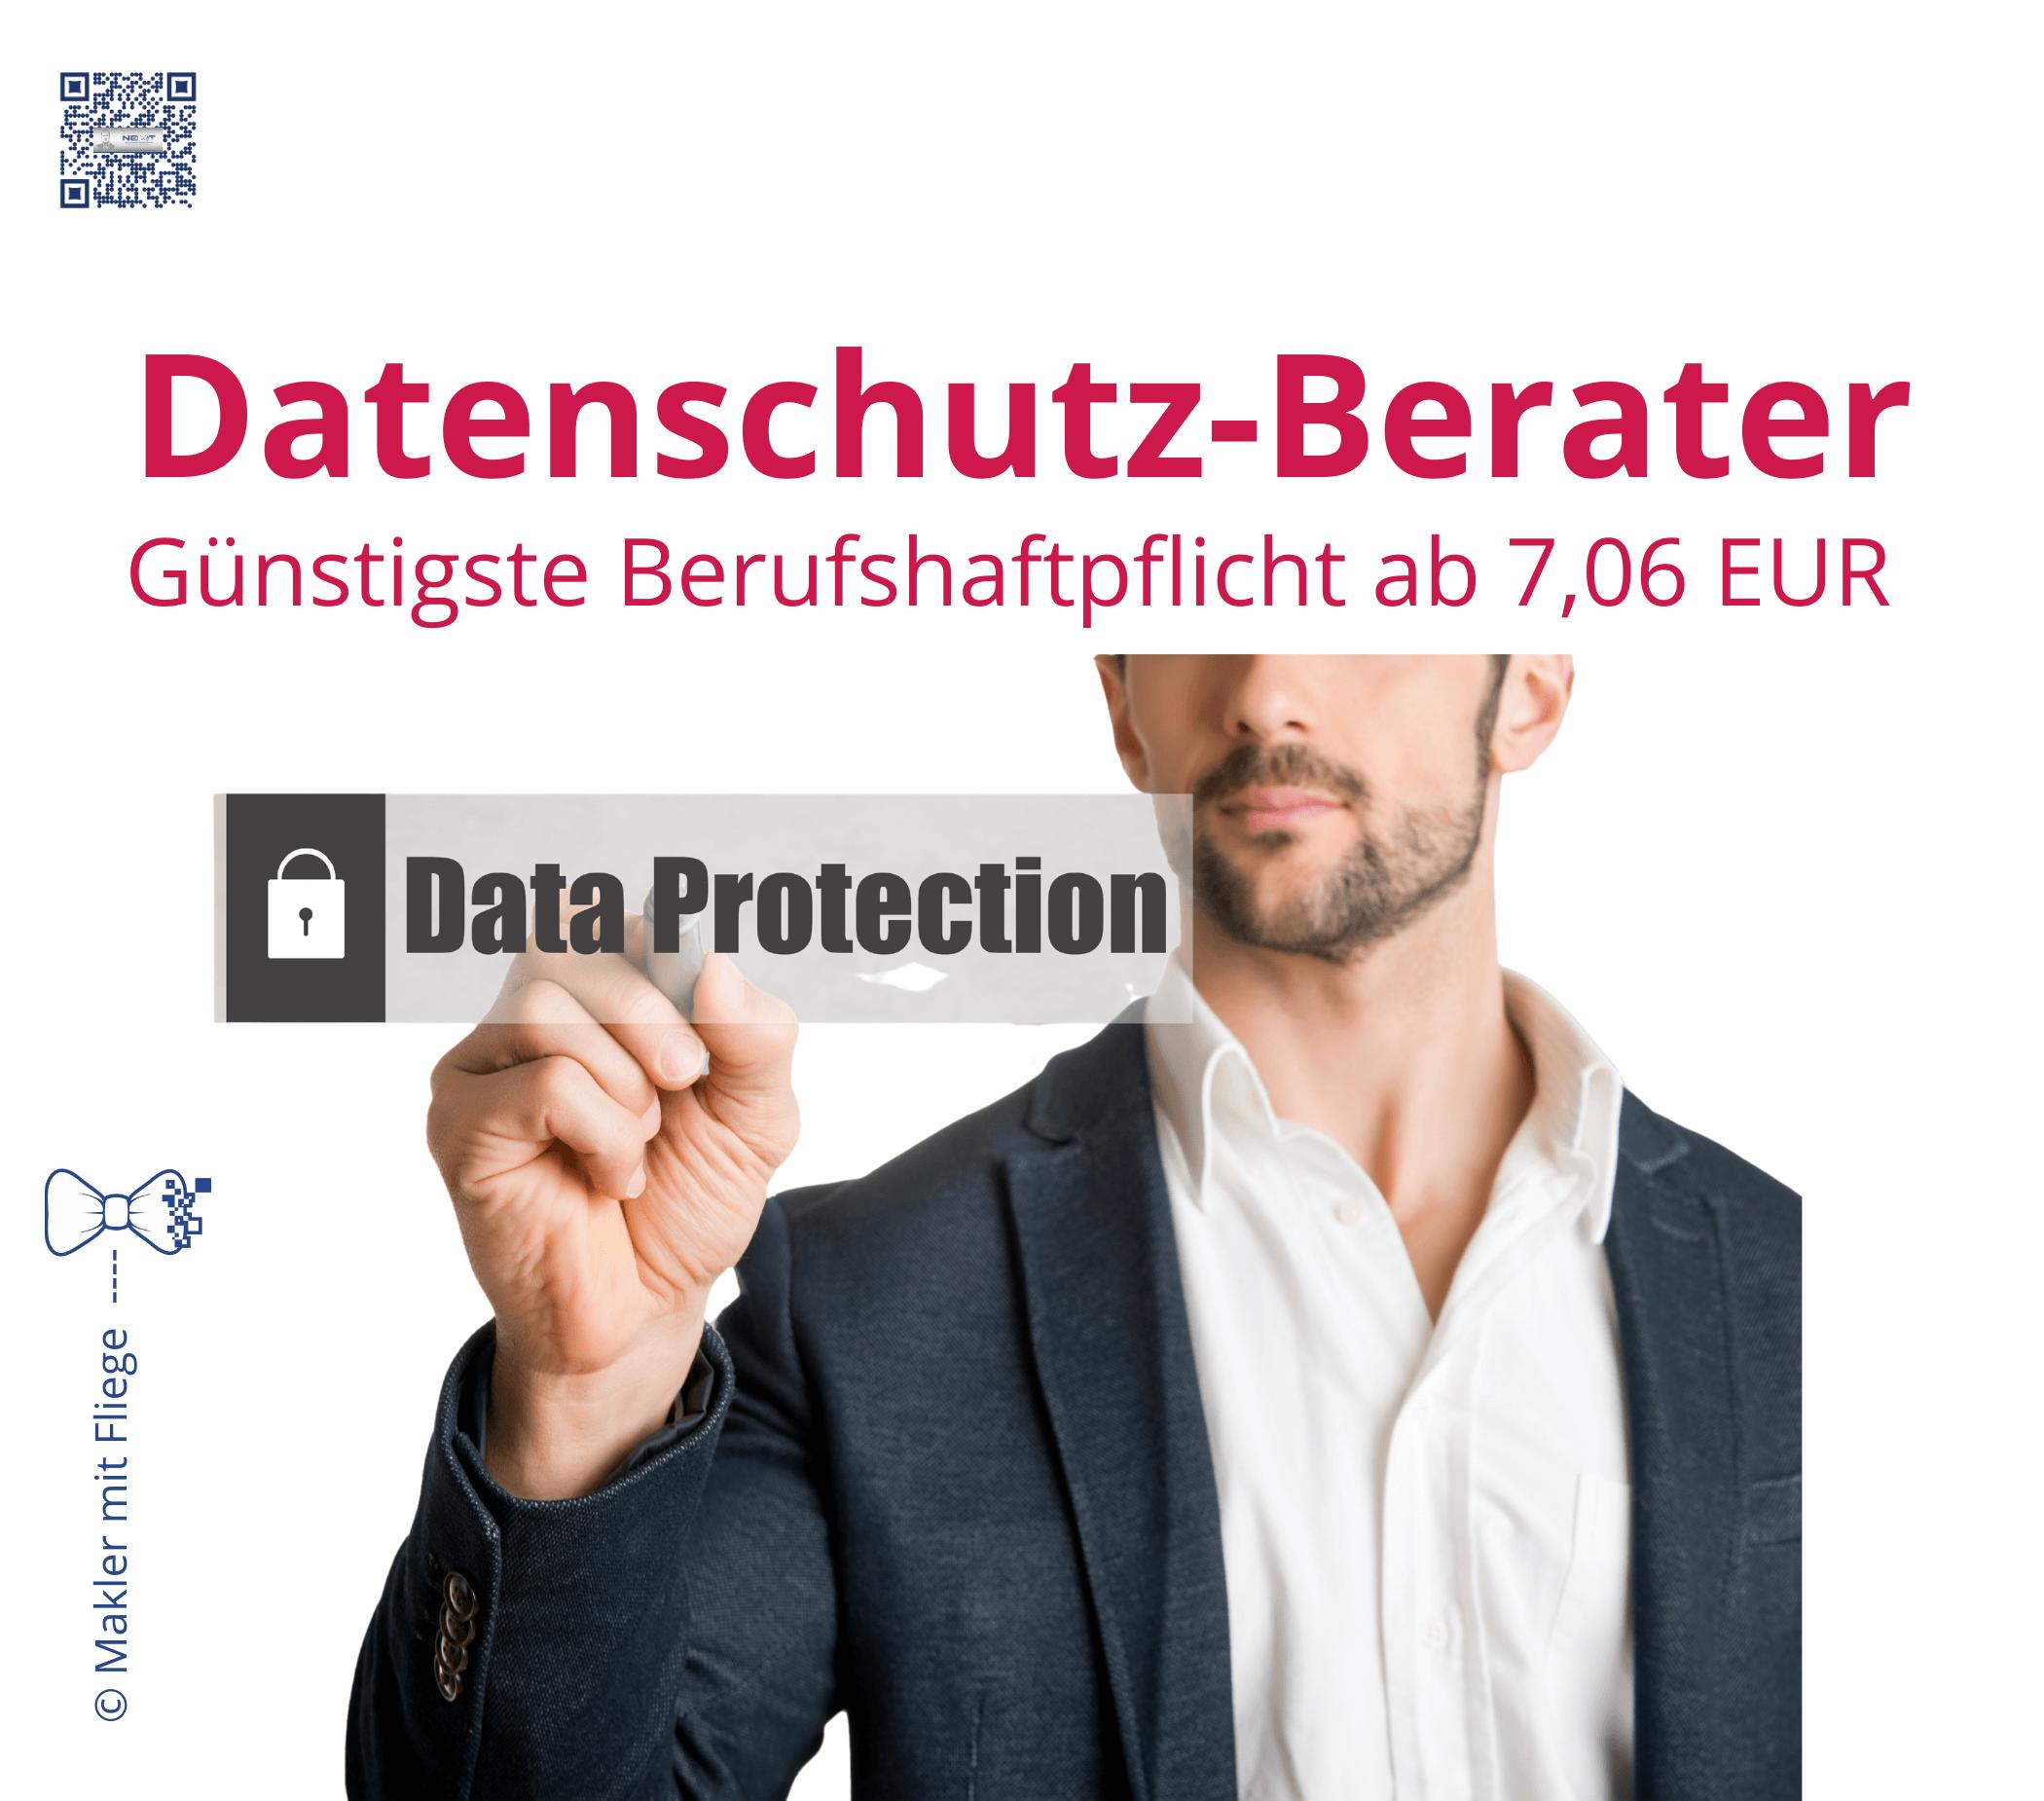 Datenschutz - GDPR ist wichtiger als je zu vor für alle Unternehmen. Die Summen sind riesig. Machen Sie einen Fehler, so geht es direkt um mehrere Tausend EUR.